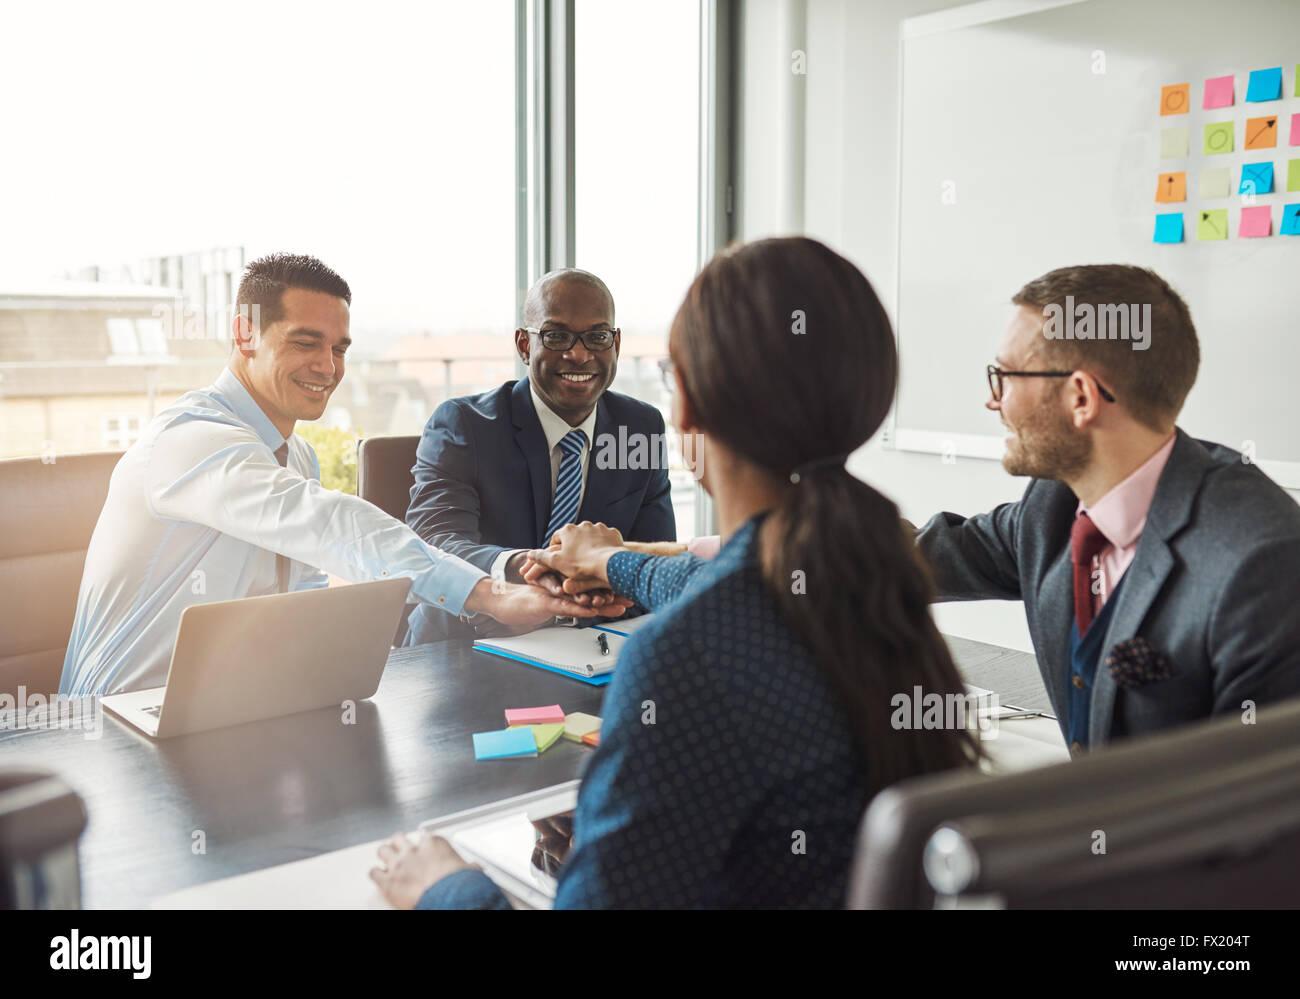 L'équipe entreprise multiraciale réussie travailler ensemble affirment leur engagement en liant les Photo Stock